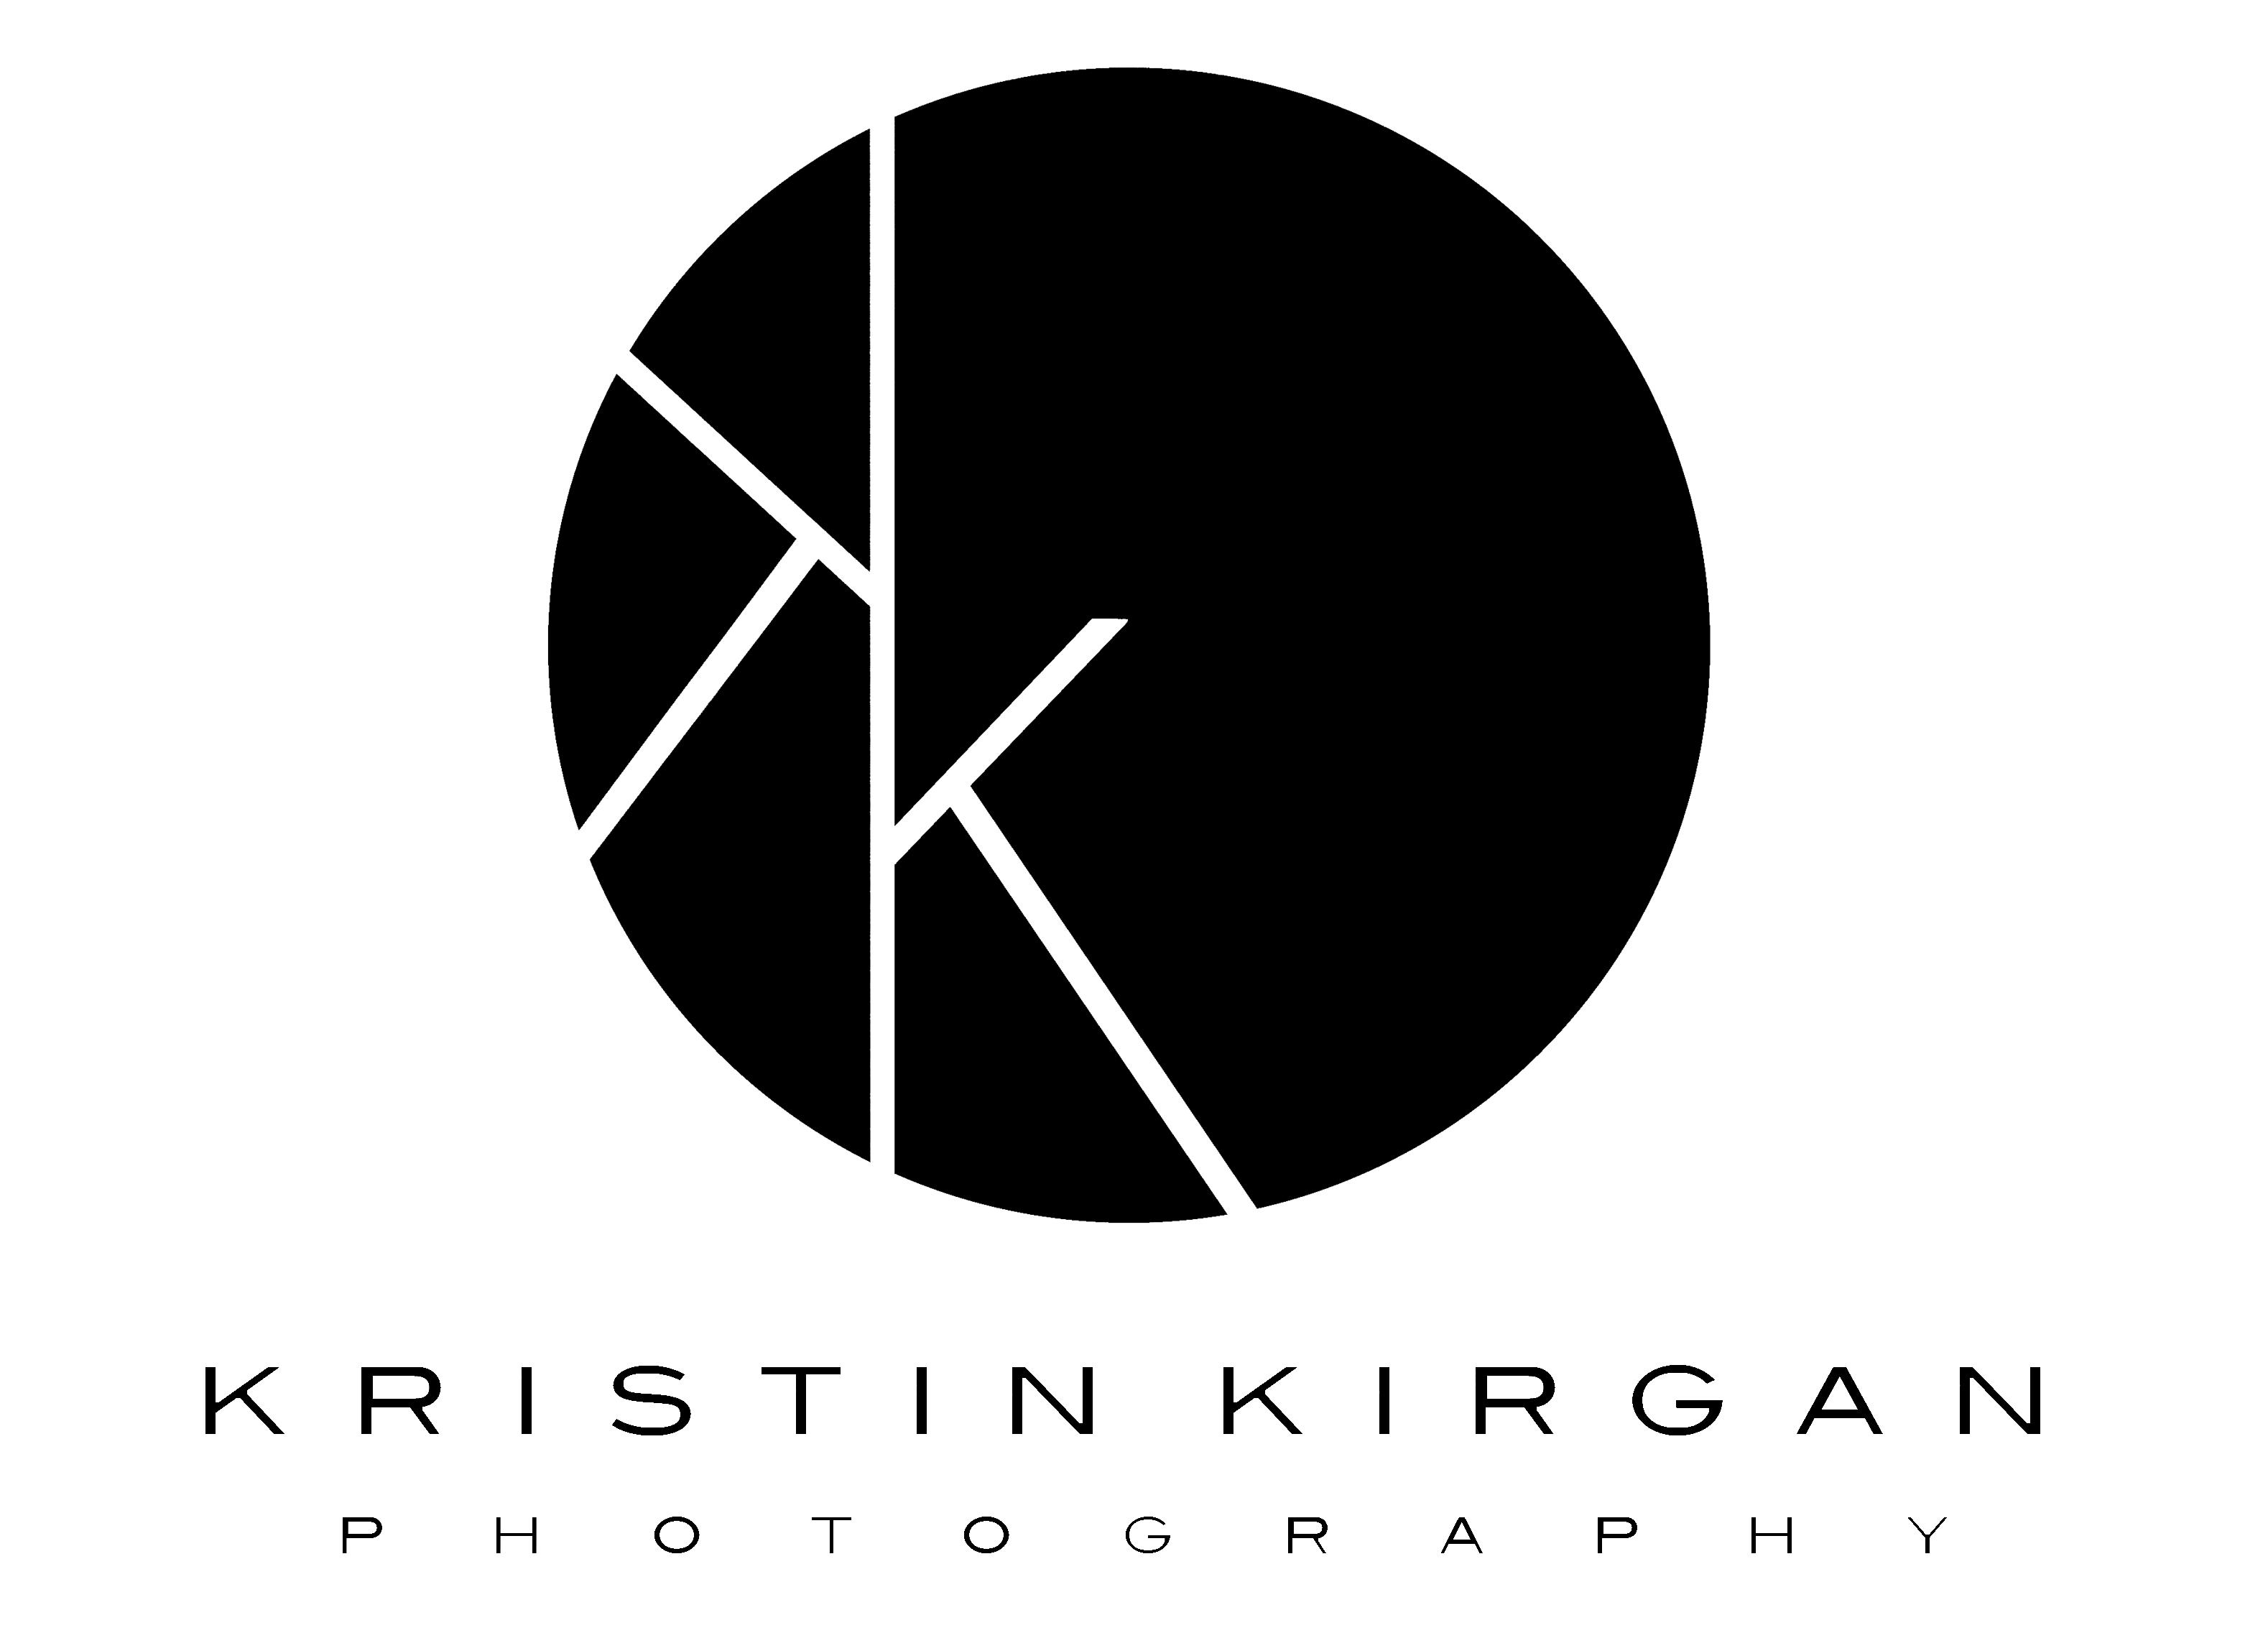 Kristin Kirgan Photography